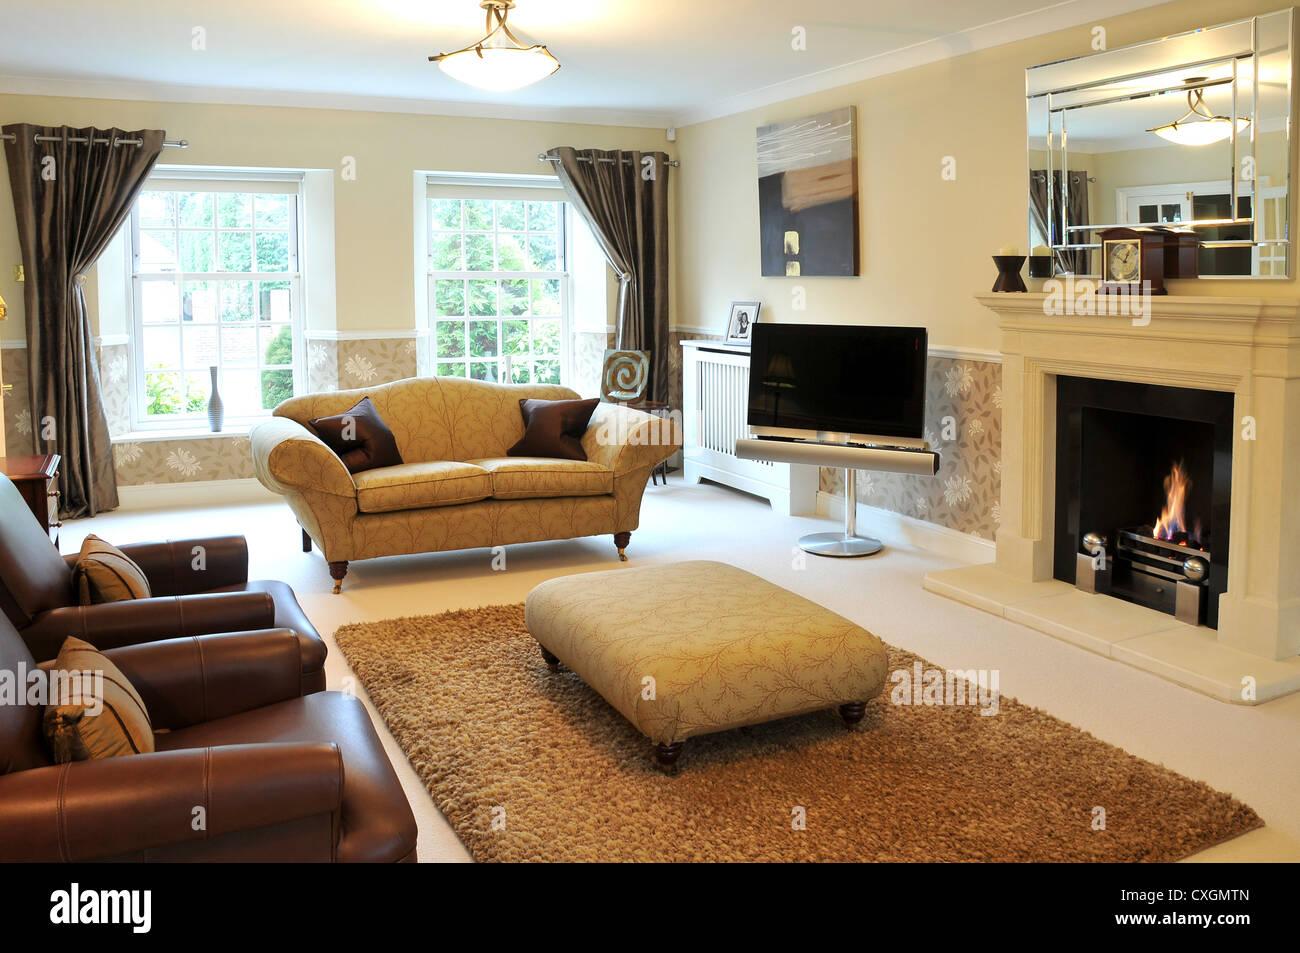 Der Innenraum Gestaltet Lounge Ein Luxus Haus Mit Sofas, TV, Kamin Und  Großen Teppich.